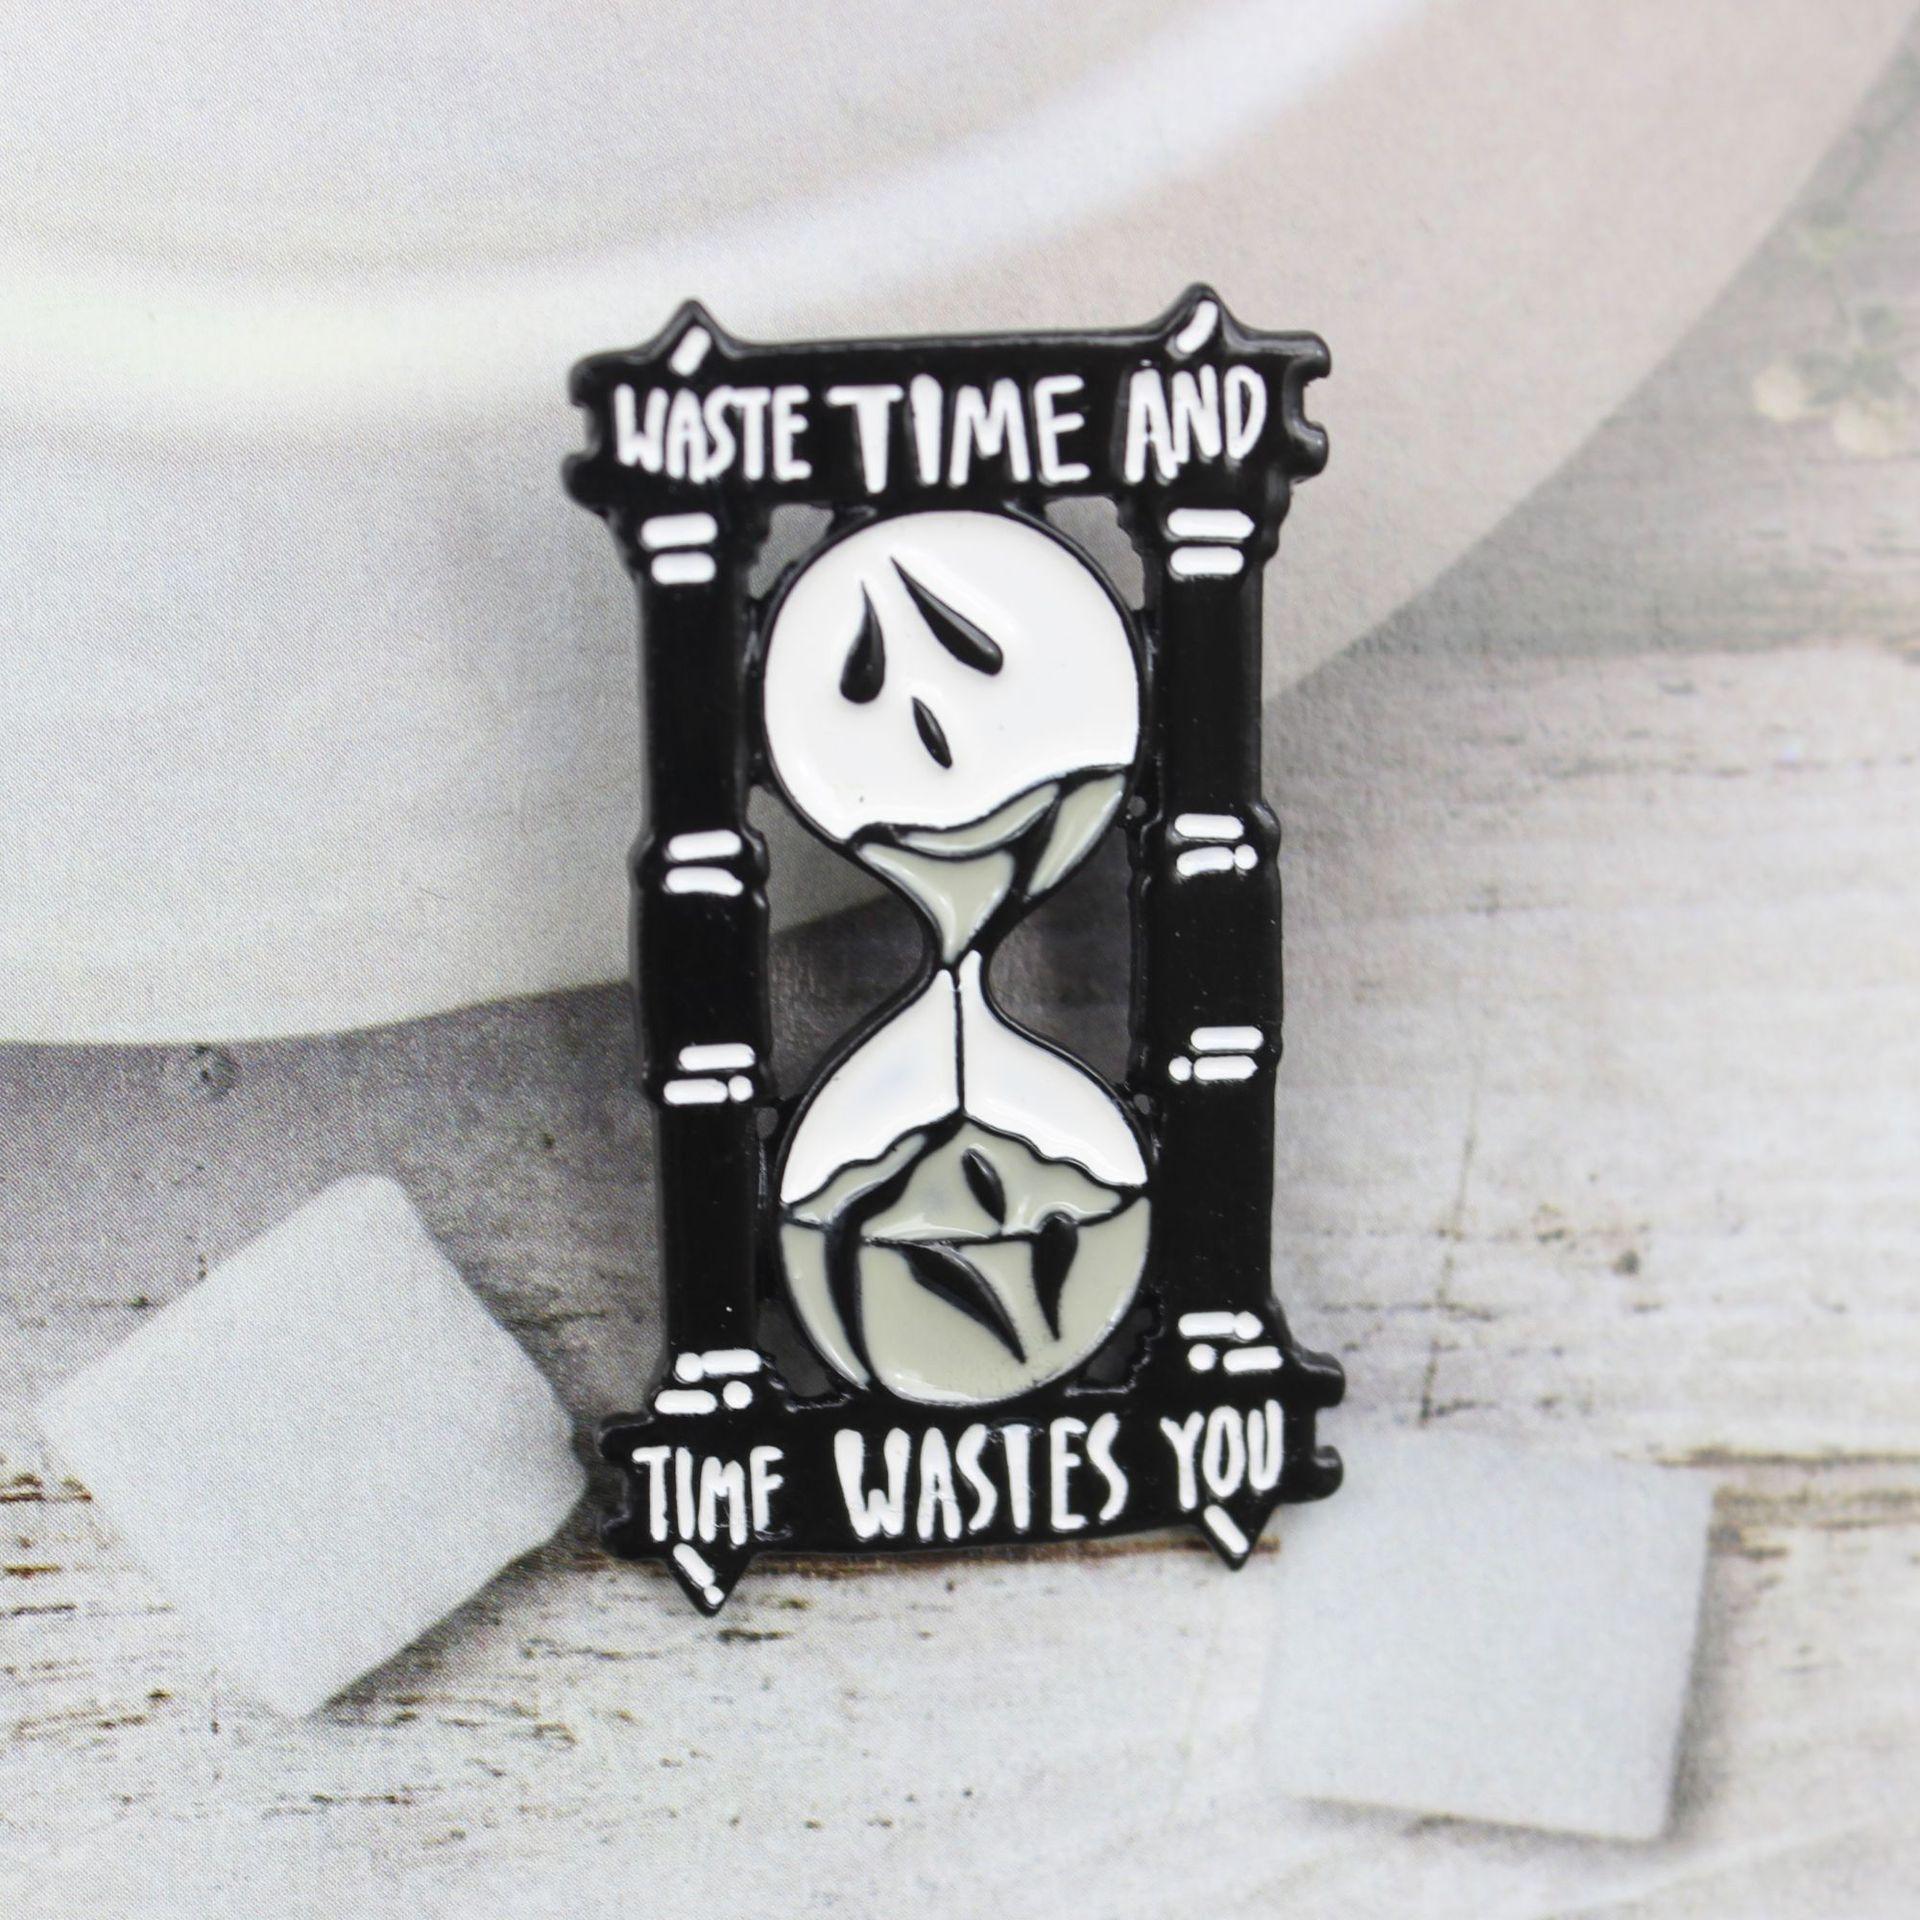 에나멜 핀 고전 진자 시계 타이머 모래 시계 보물 시간 기념 배지 코트 배낭 버튼 보석 브로치 zdl0327.